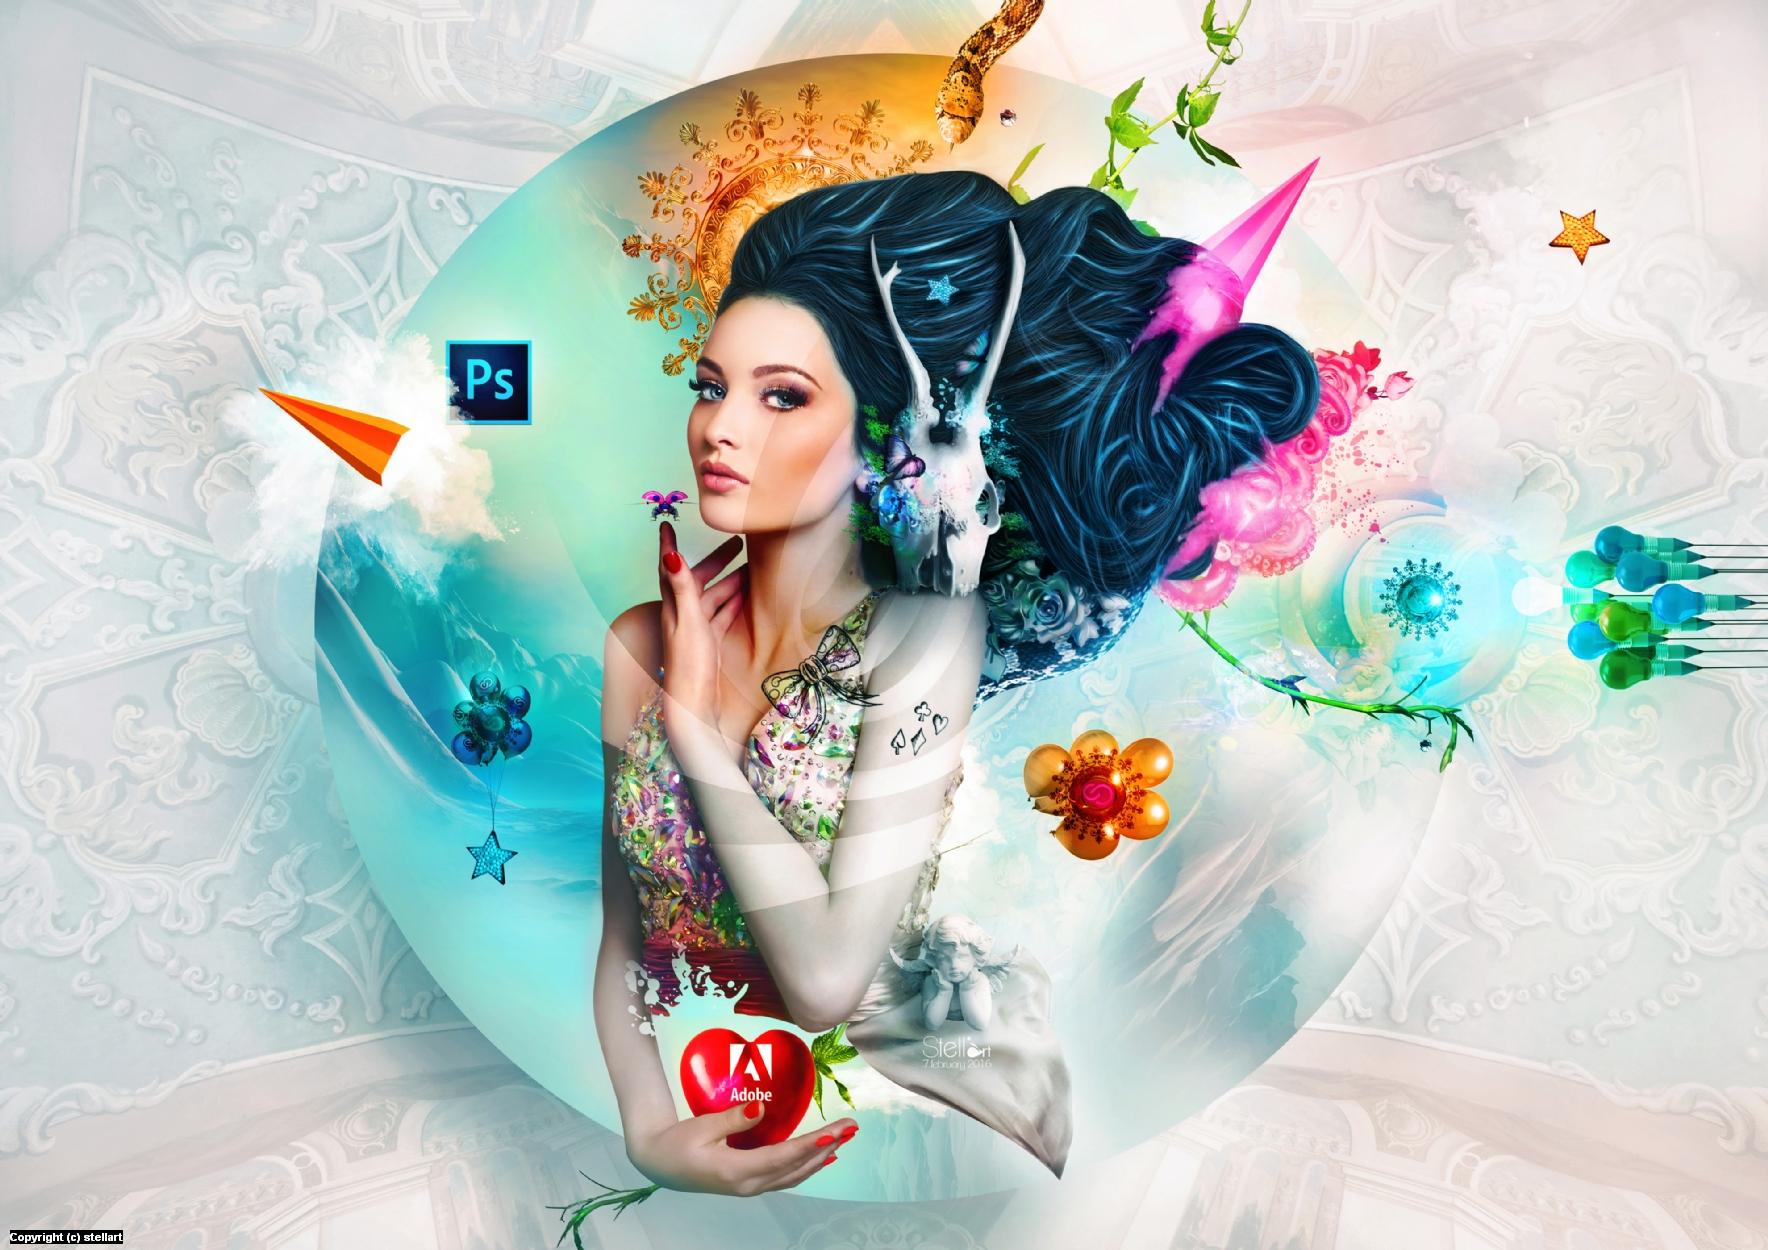 Garden of Eden Artwork by Estelle Chomienne